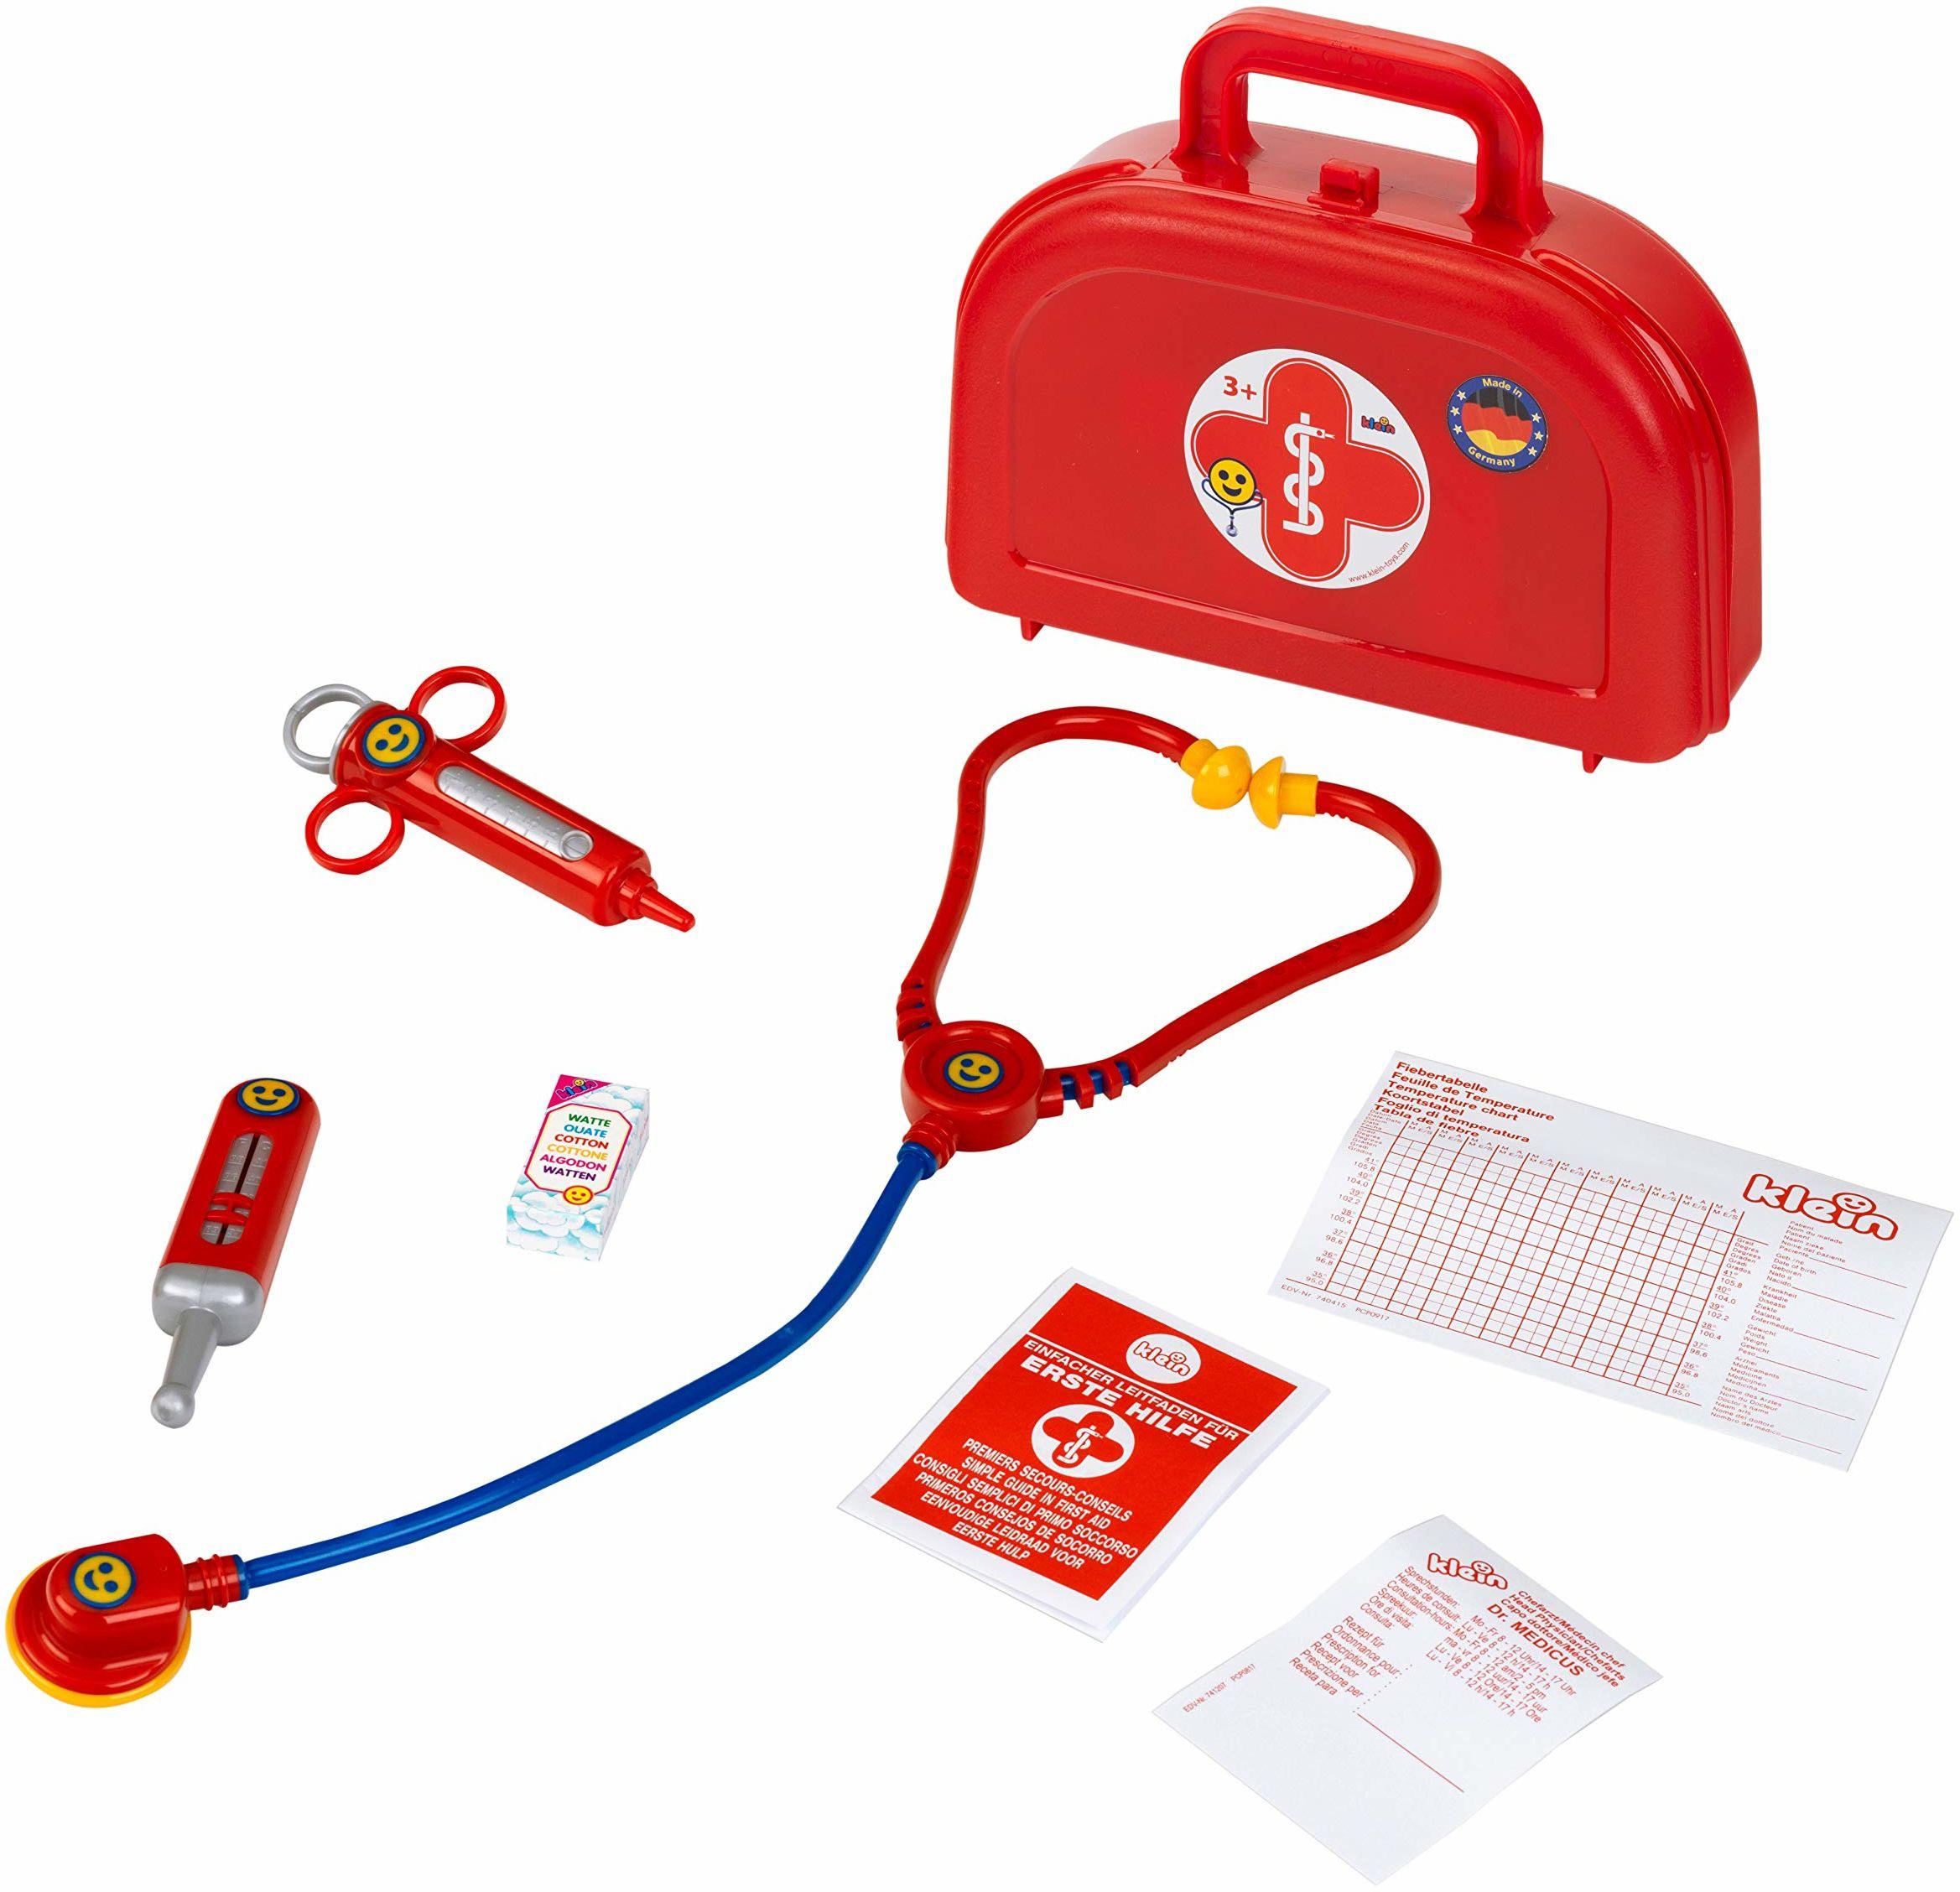 Theo Klein 4420 długopisy lekarskie, półokrągłe, małe, zabawkowe